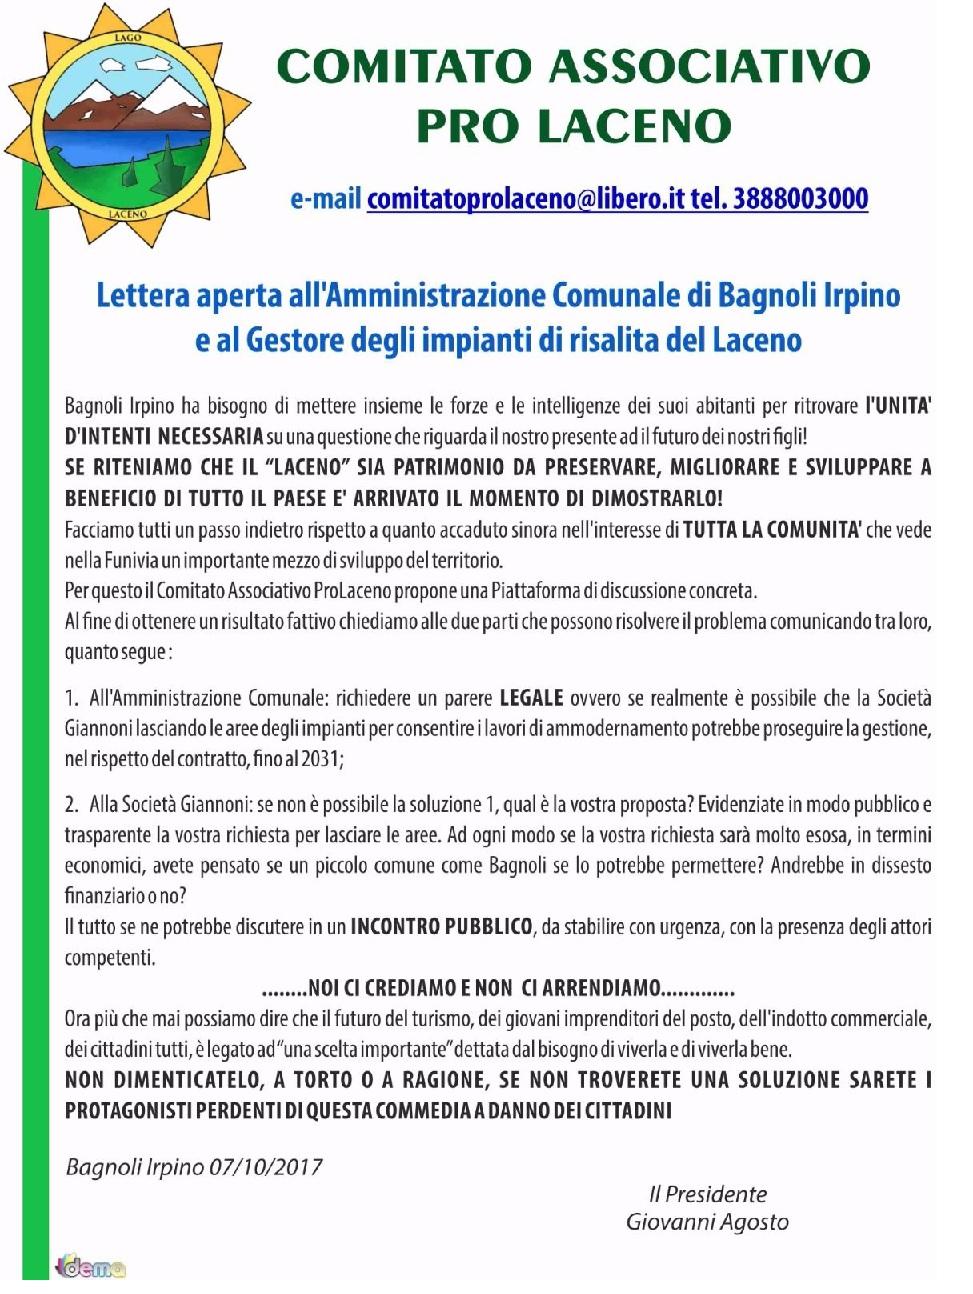 Bagnoli-Manifesto-Comitato-Pro-Laceno-x-incontro-pubblico-Amministrazione-Giannoni